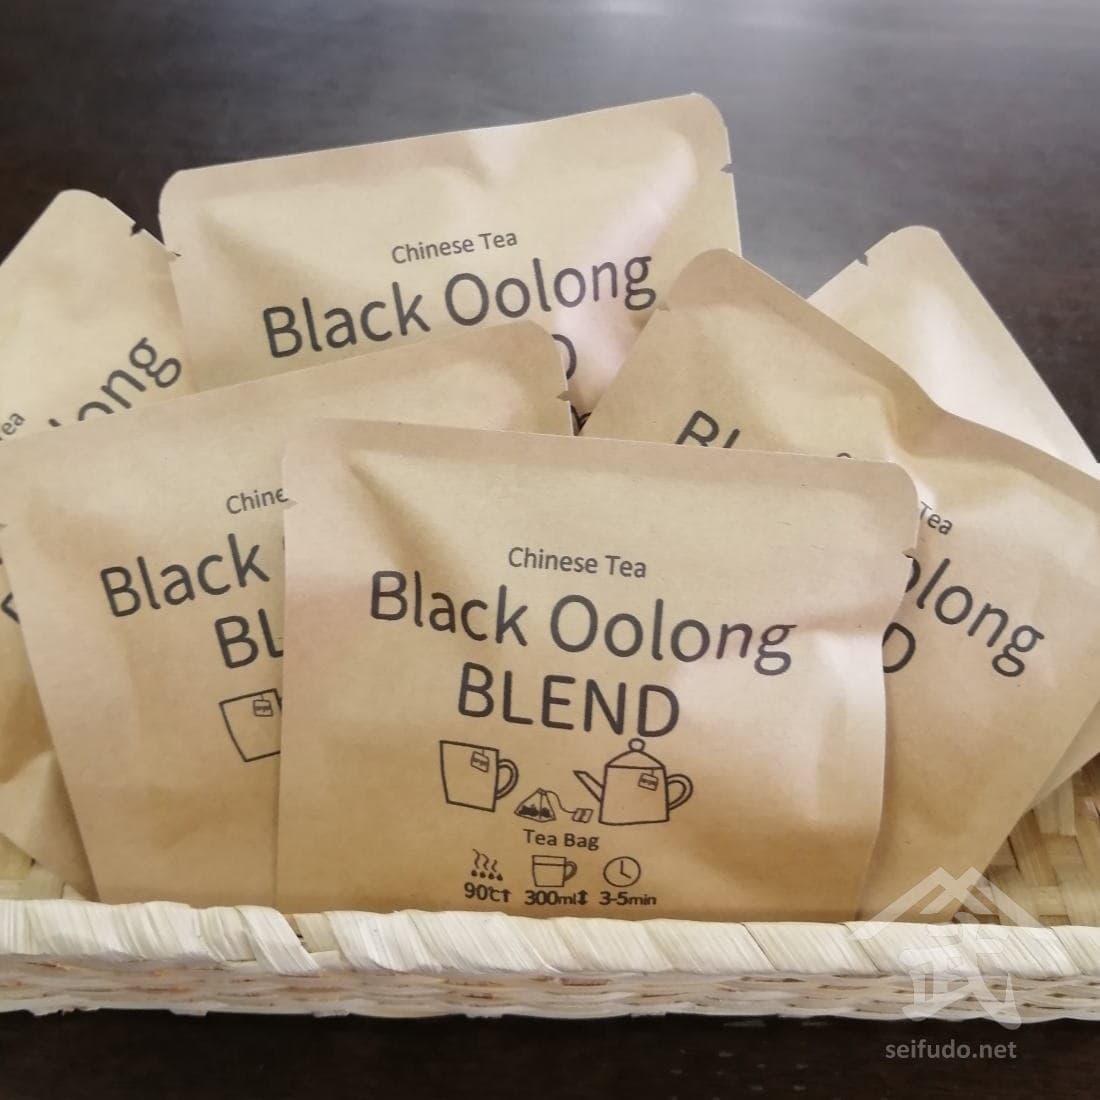 Black Ooolng BLEND 入荷しました